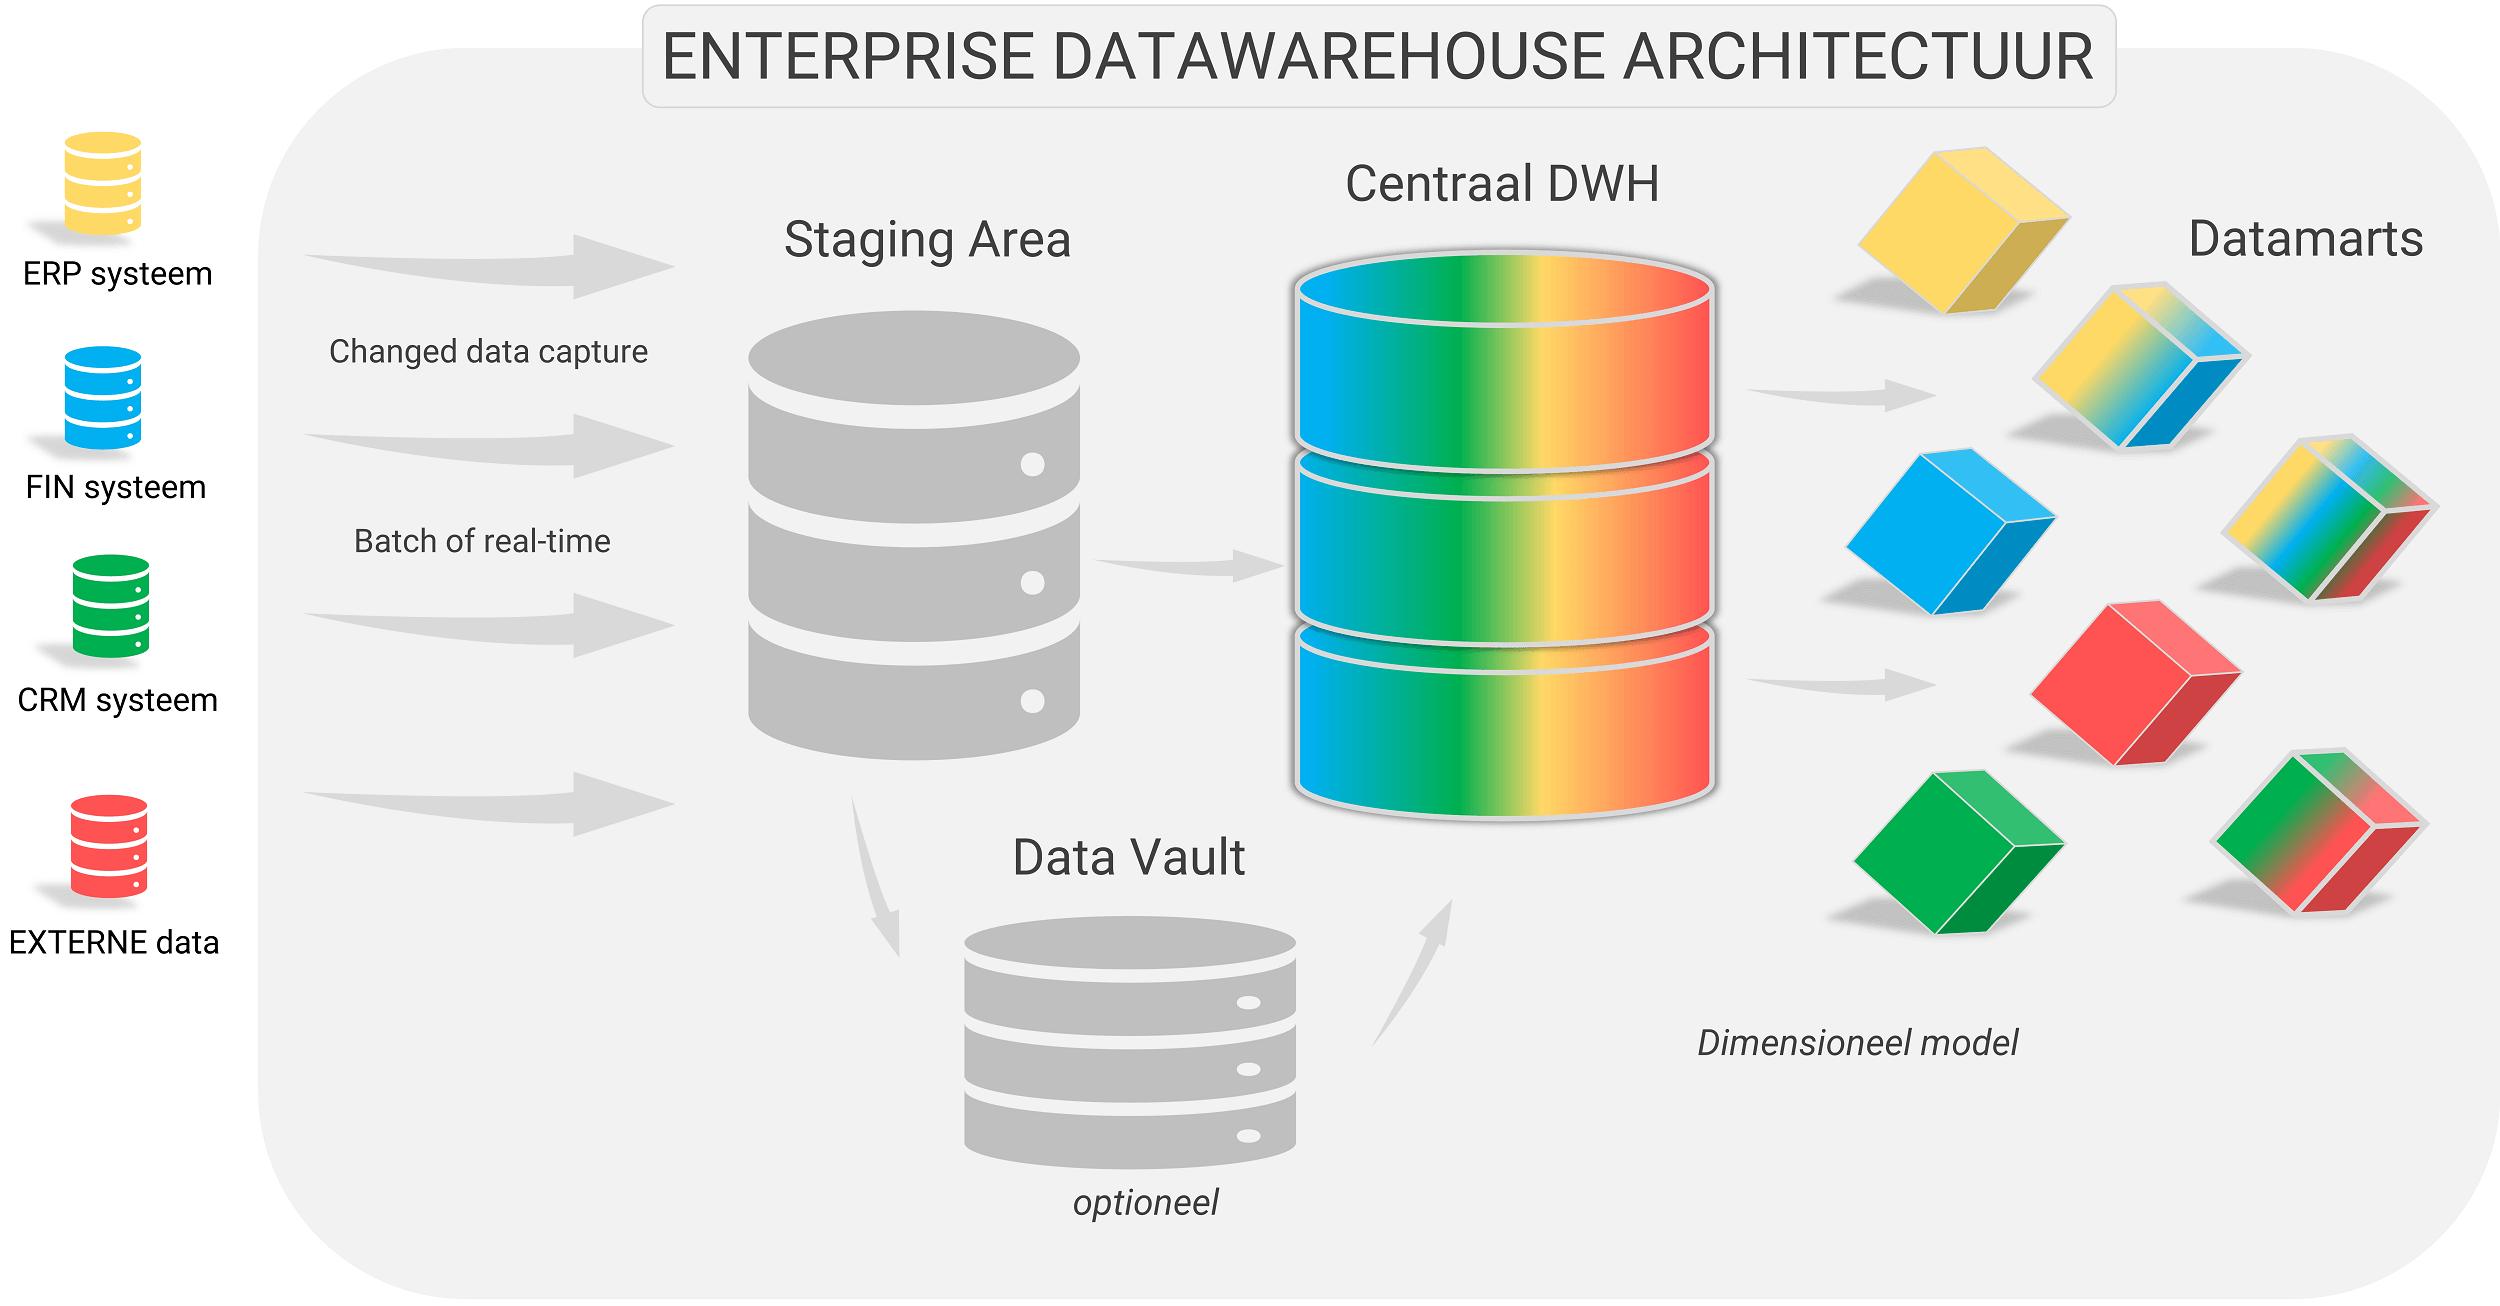 De belangrijkste componenten van een enterprise datawarehouse architectuur